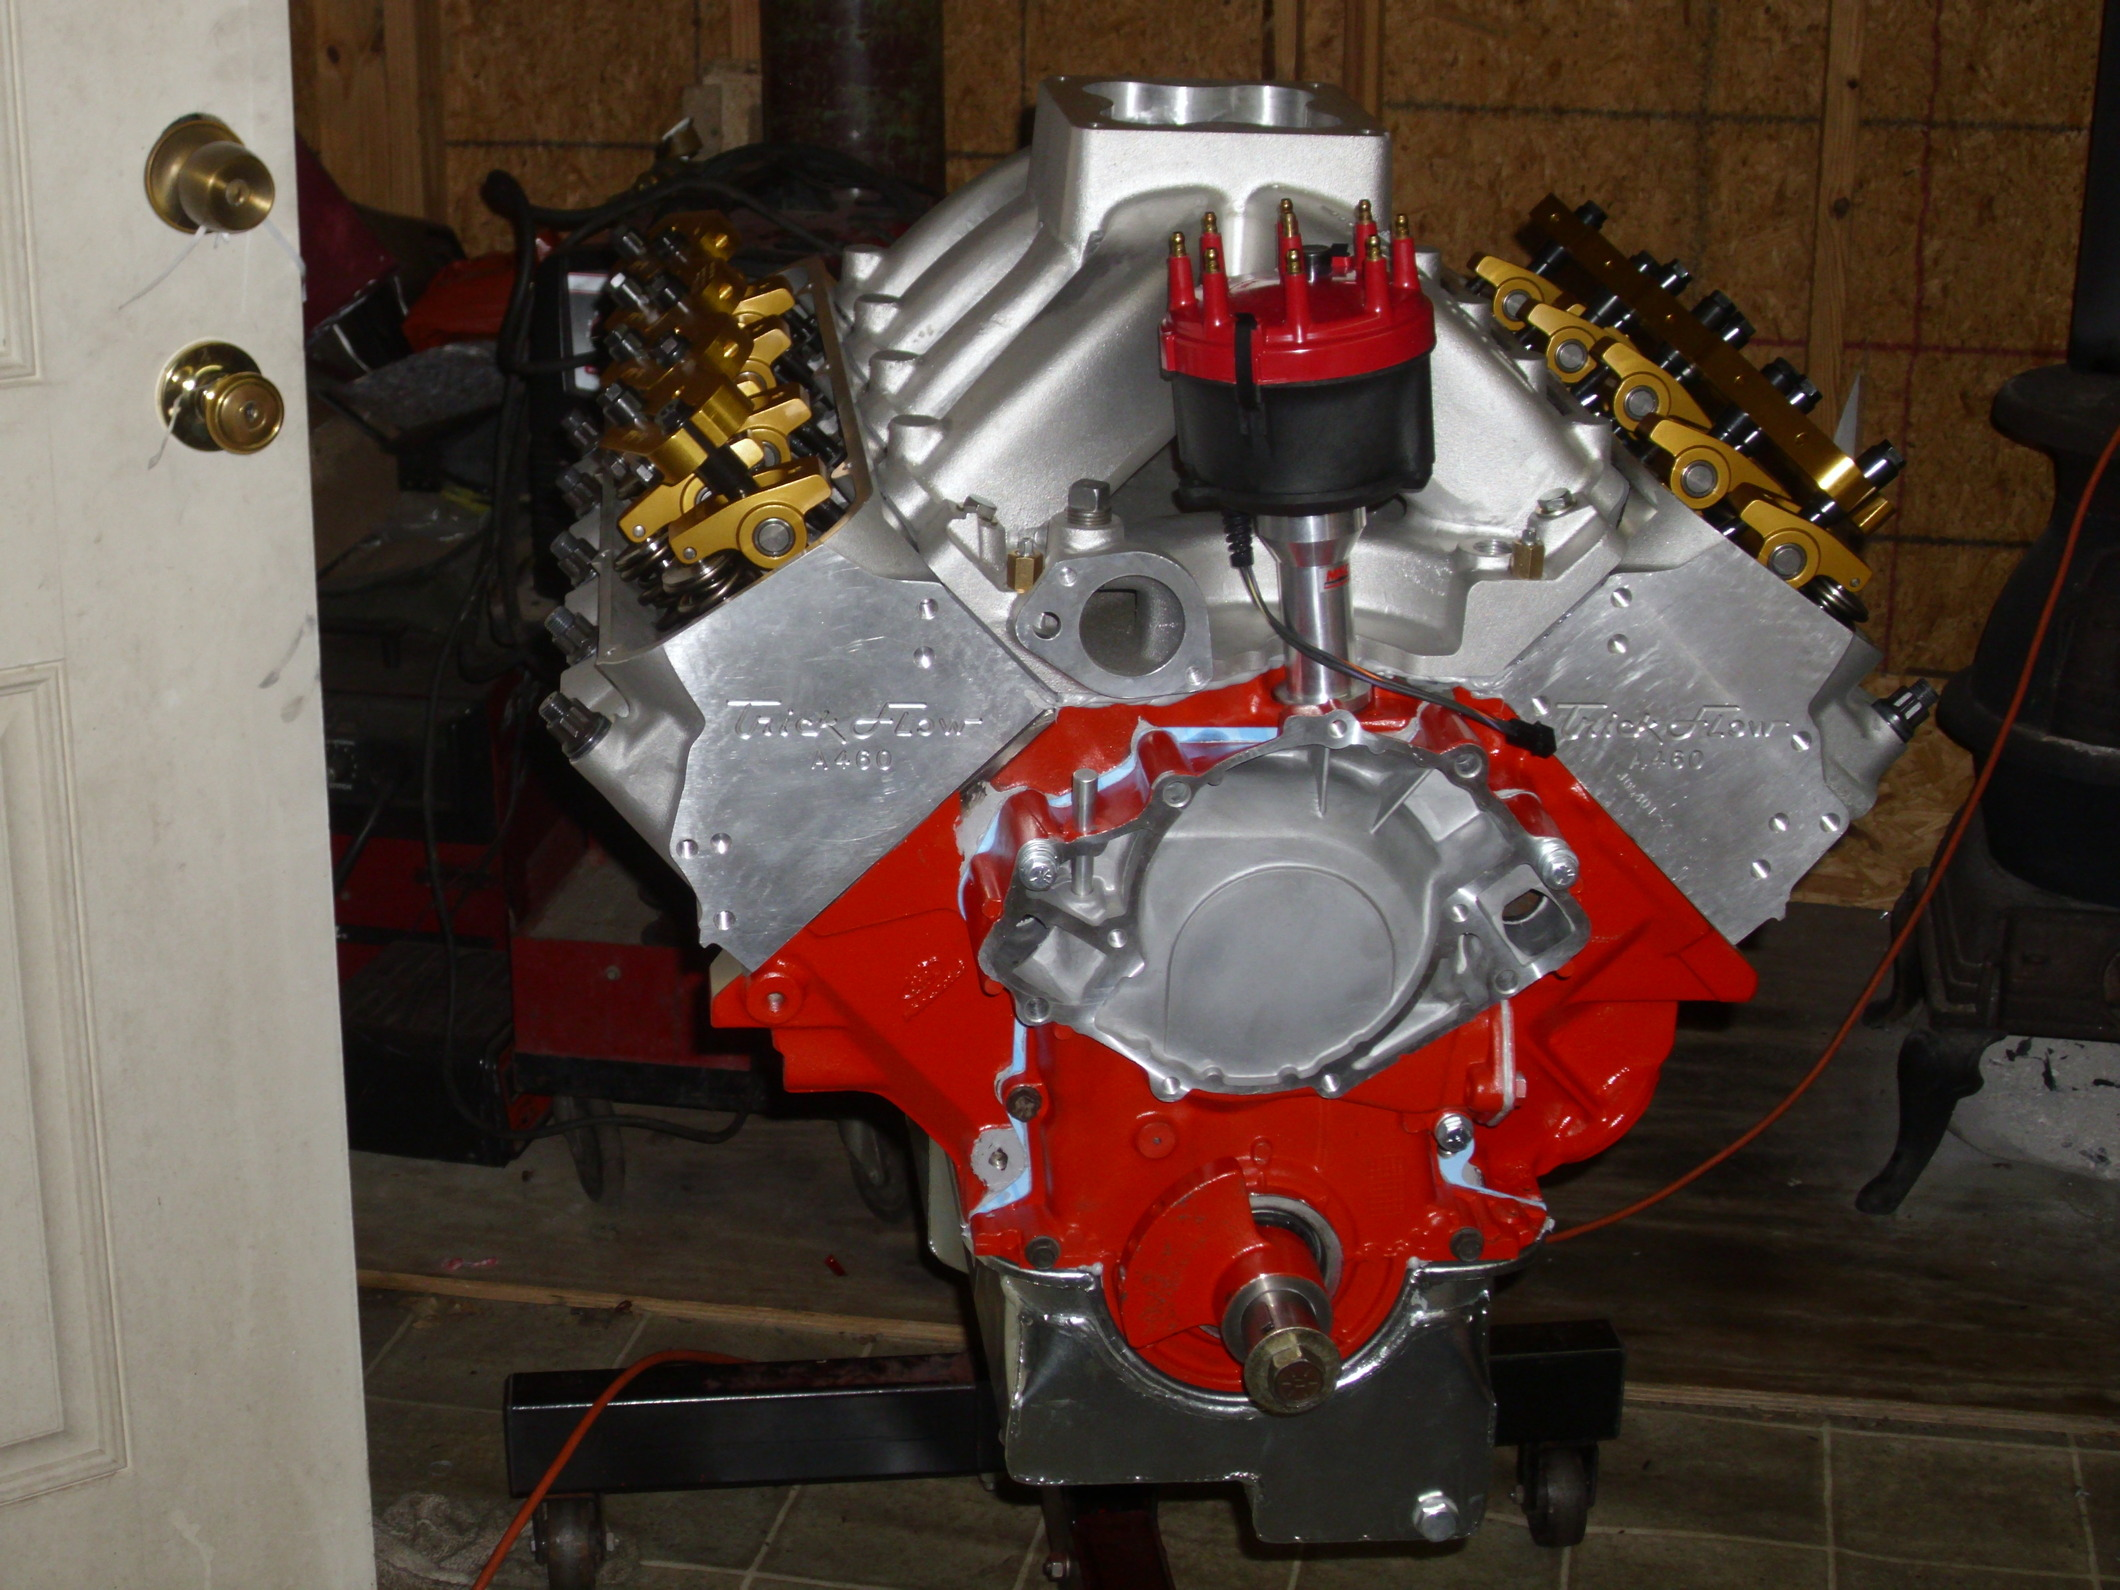 580ci a460 head & a 460 block HPIM0356